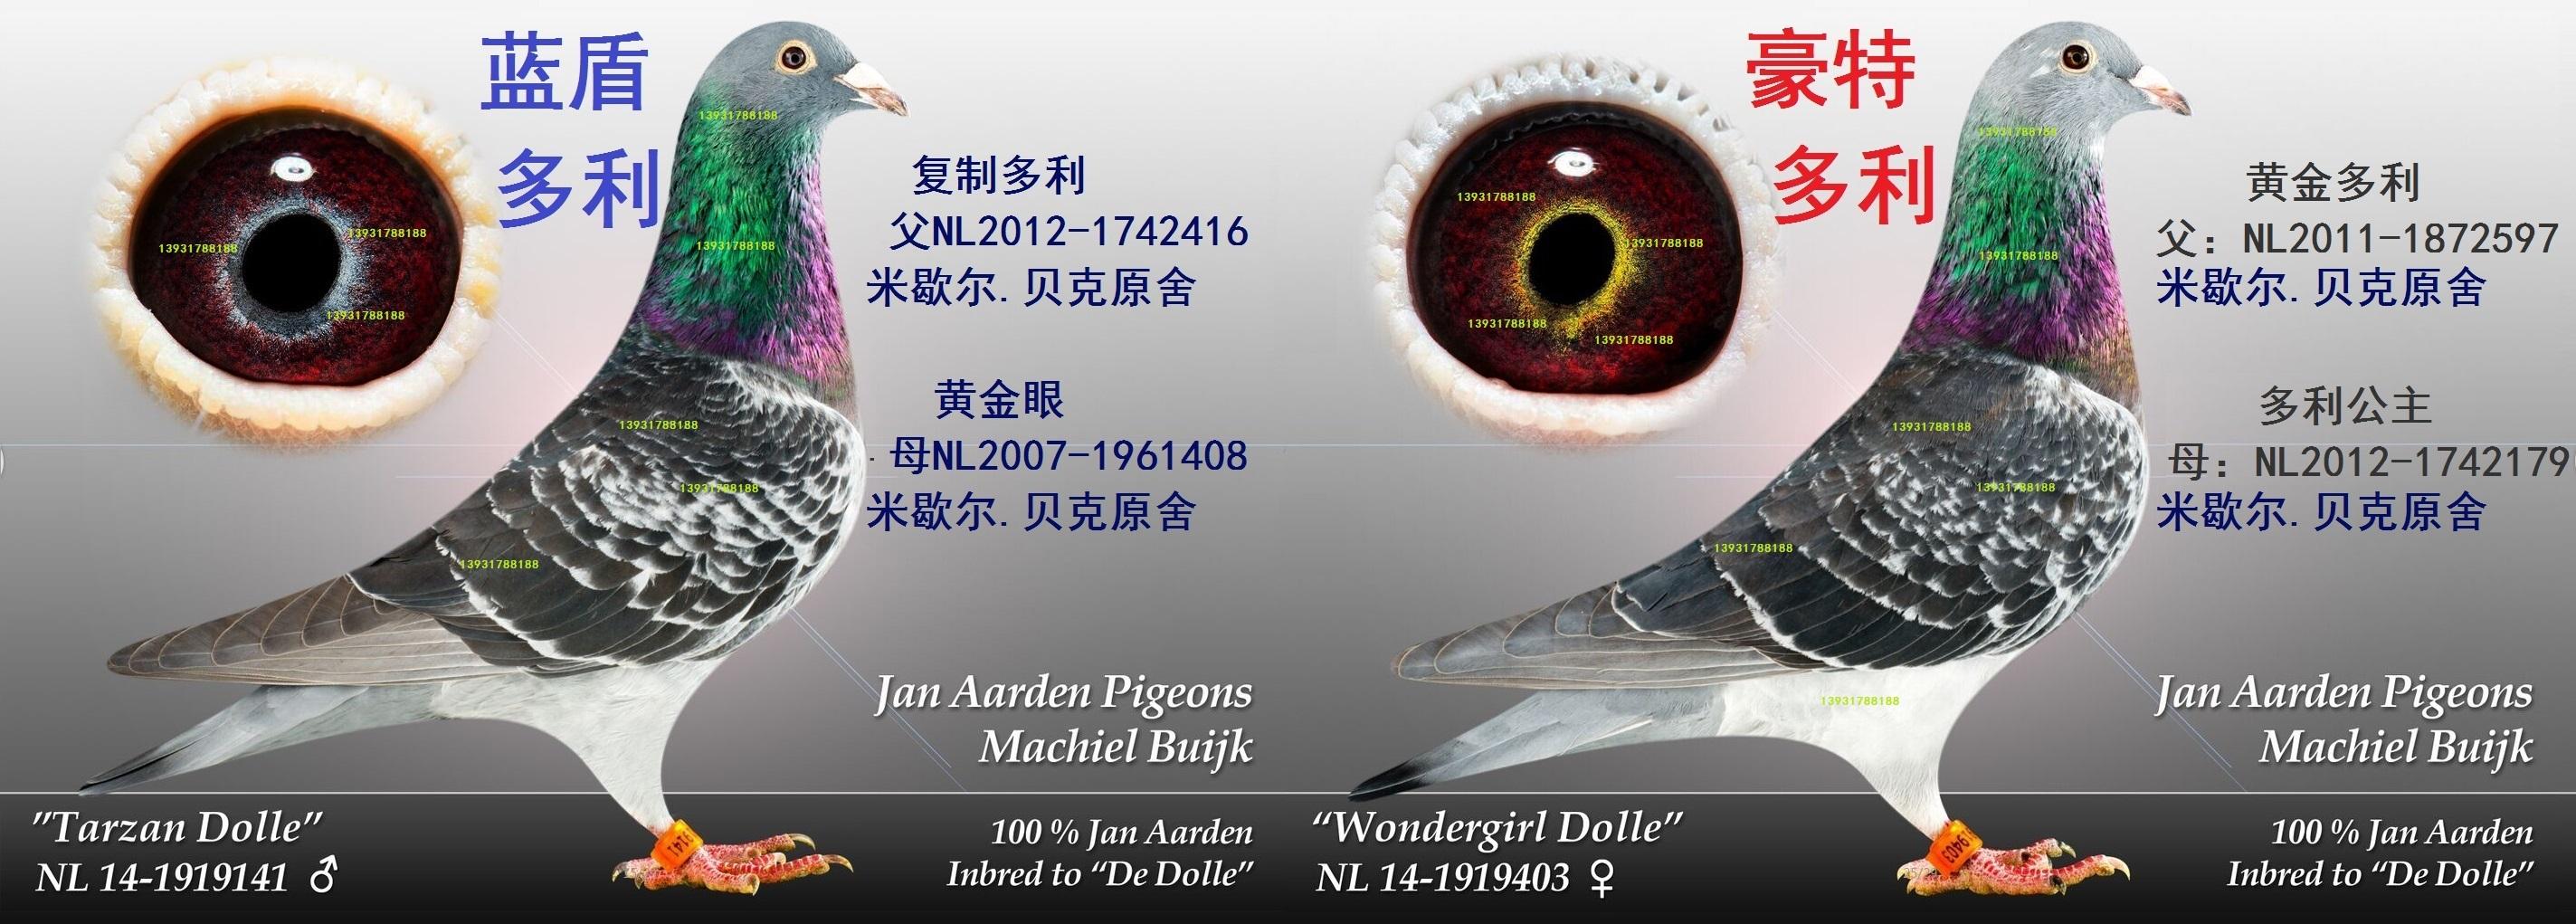 杨阿腾《幼鸽预定2000元一对》